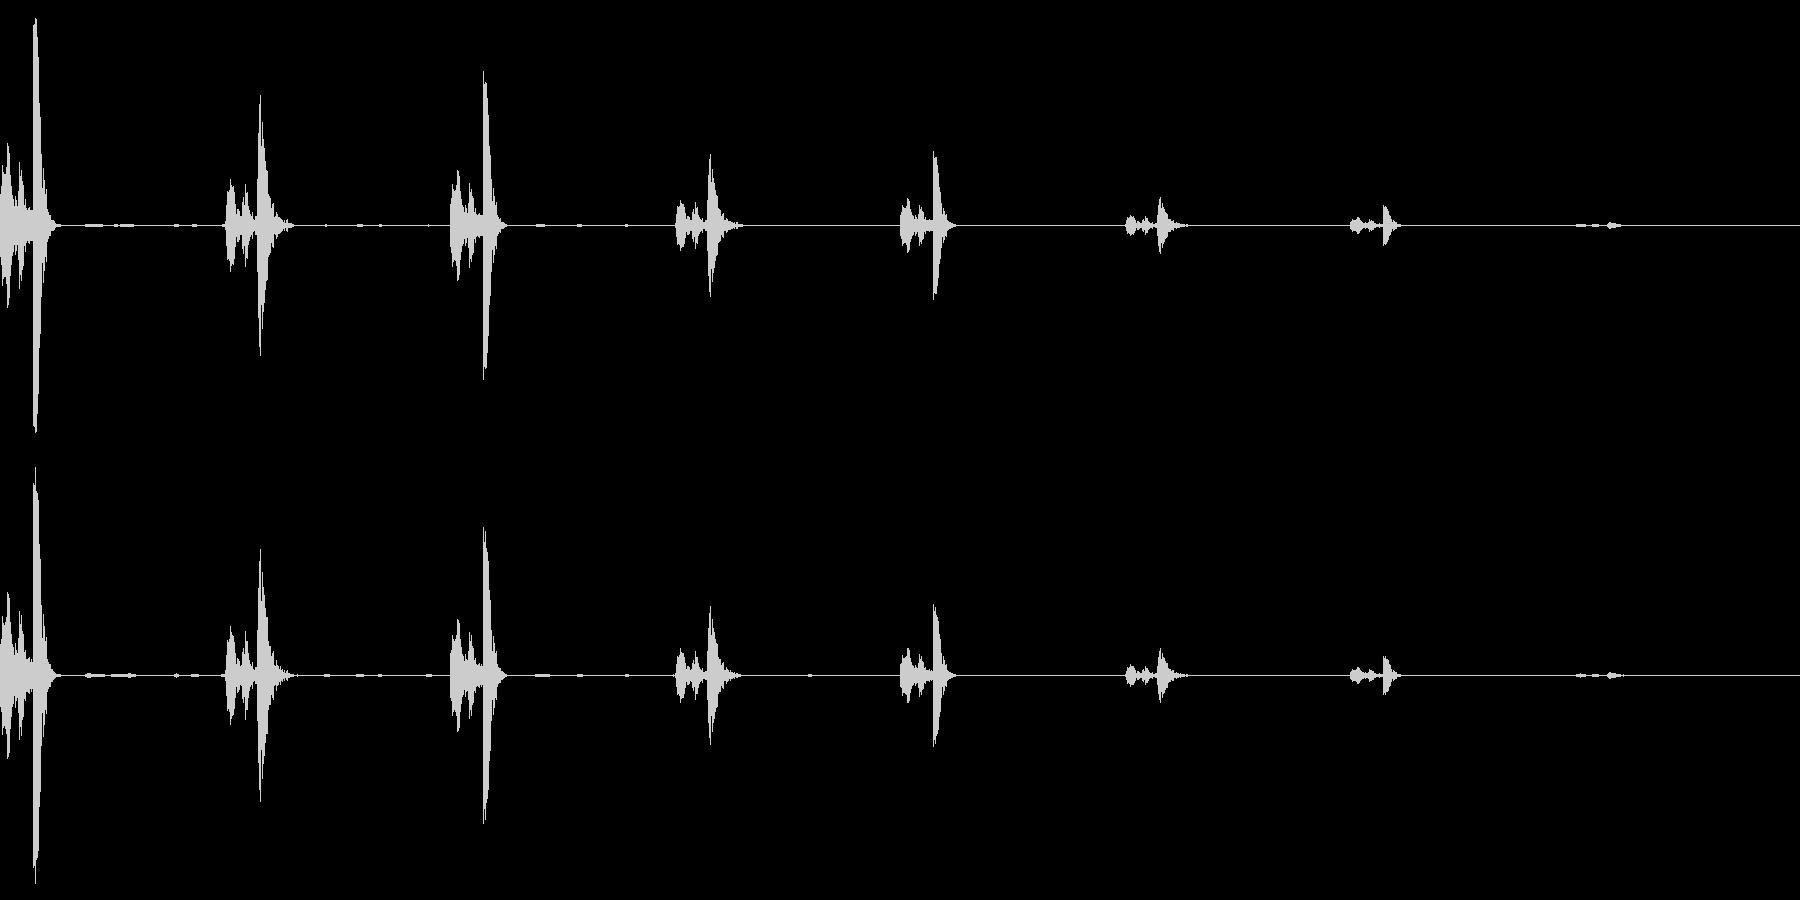 時計、タイマー、ストップウォッチ_B_6の未再生の波形